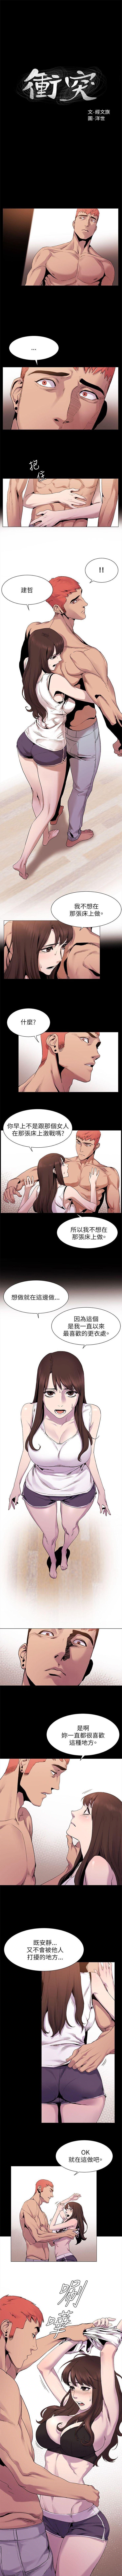 (週5)衝突 1-91 中文翻譯 (更新中) 38